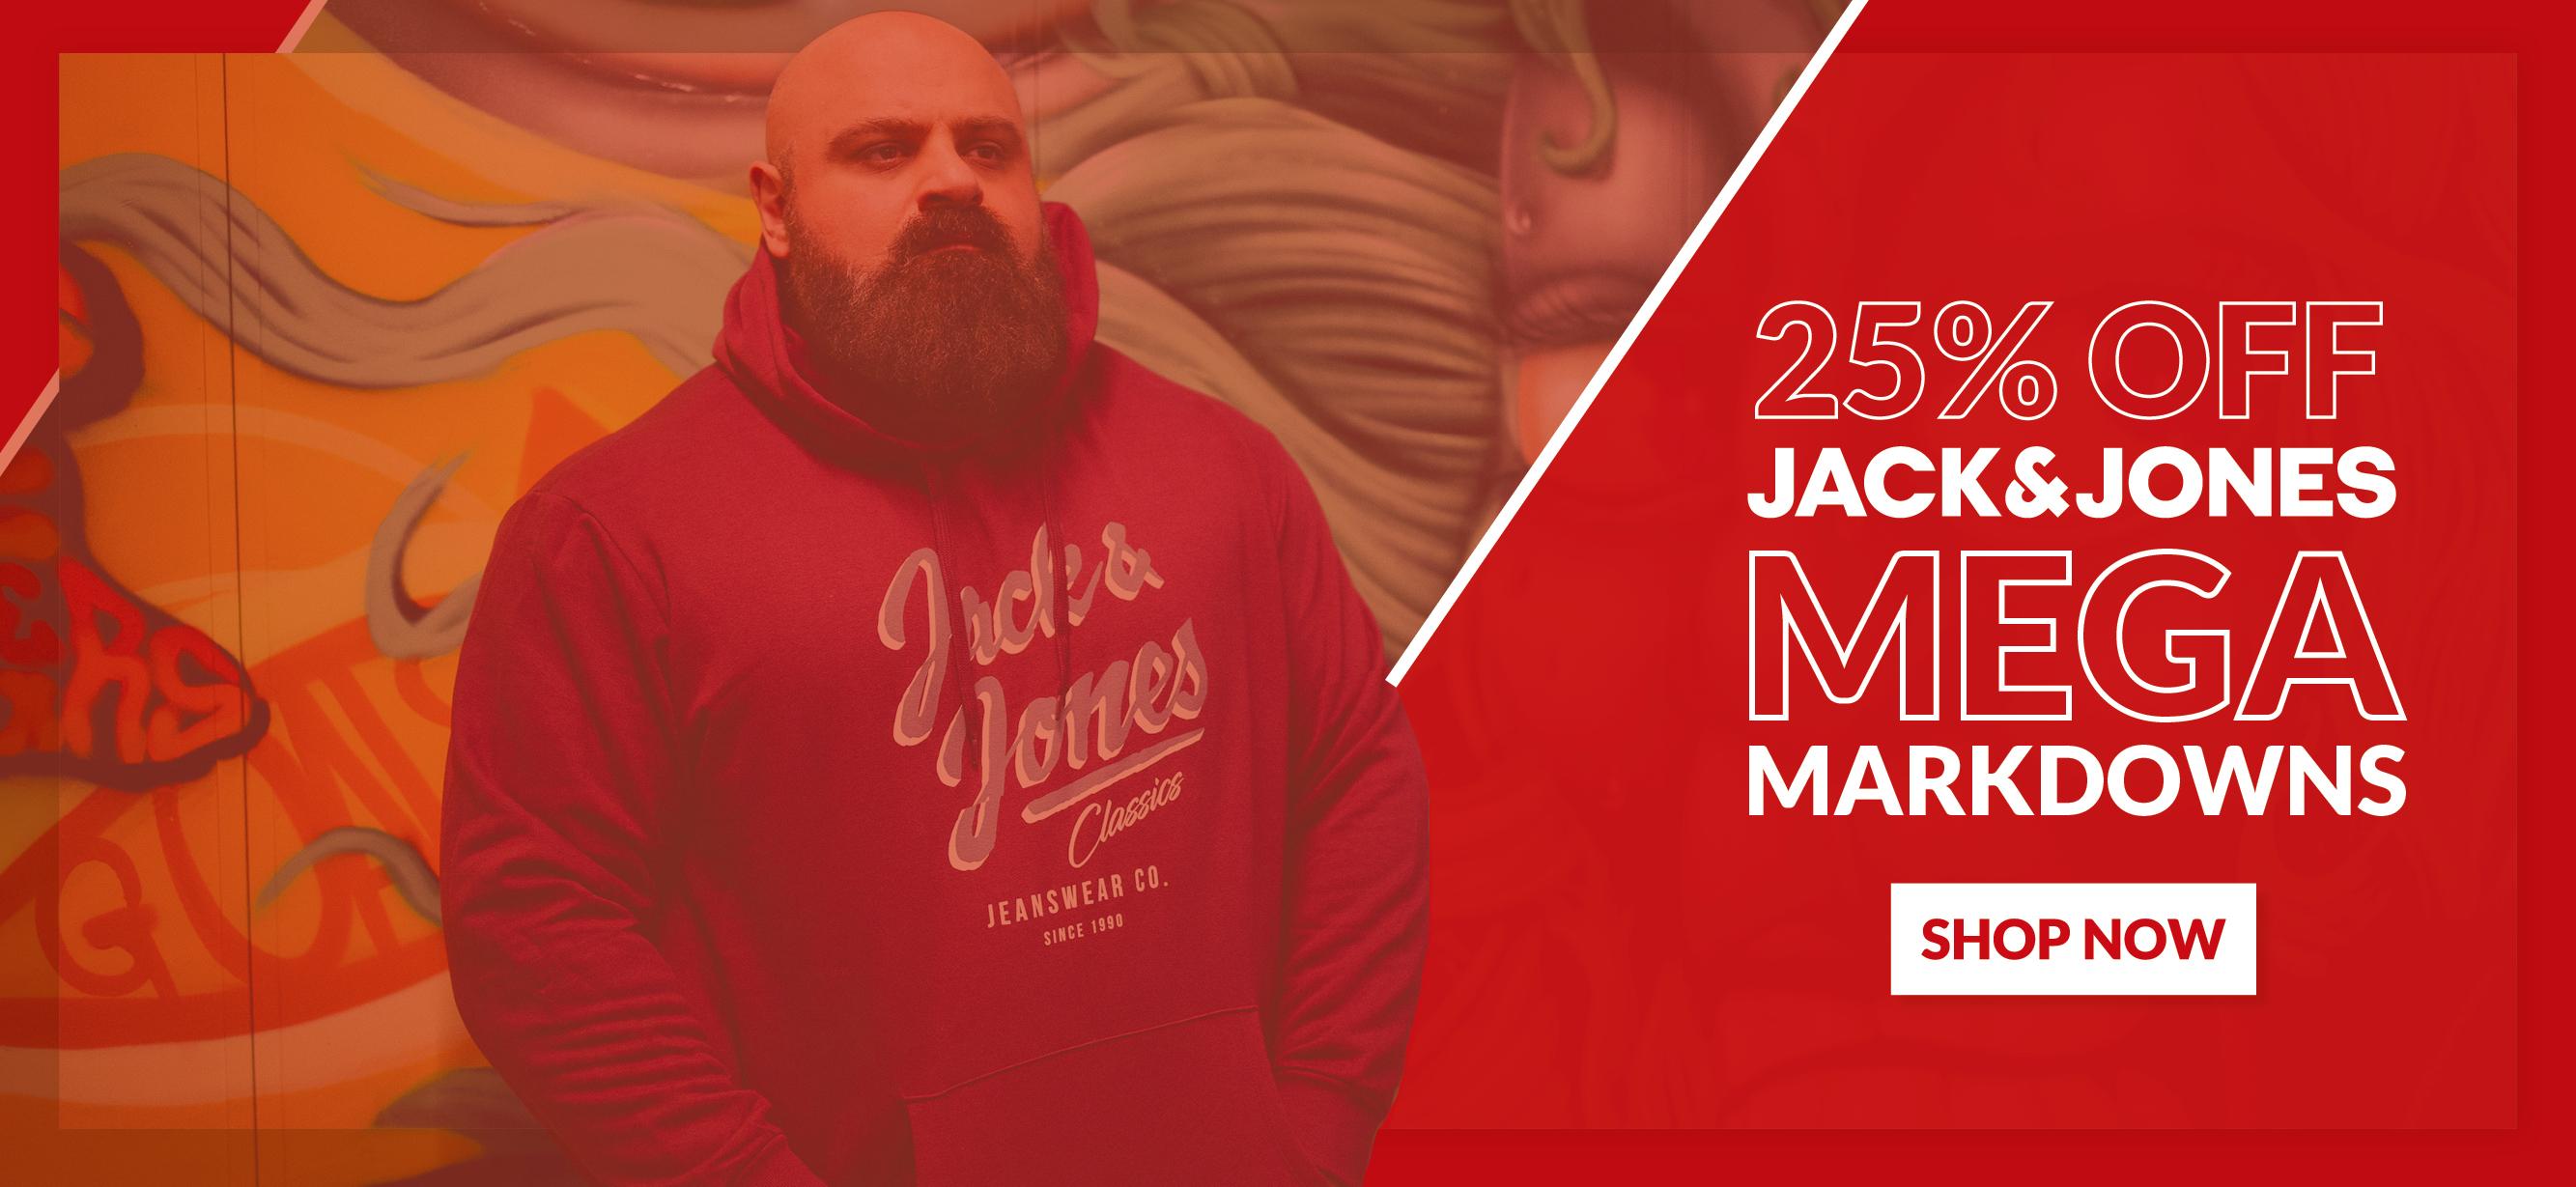 25% Off Jack & Jones Brand Big Men's Clothing